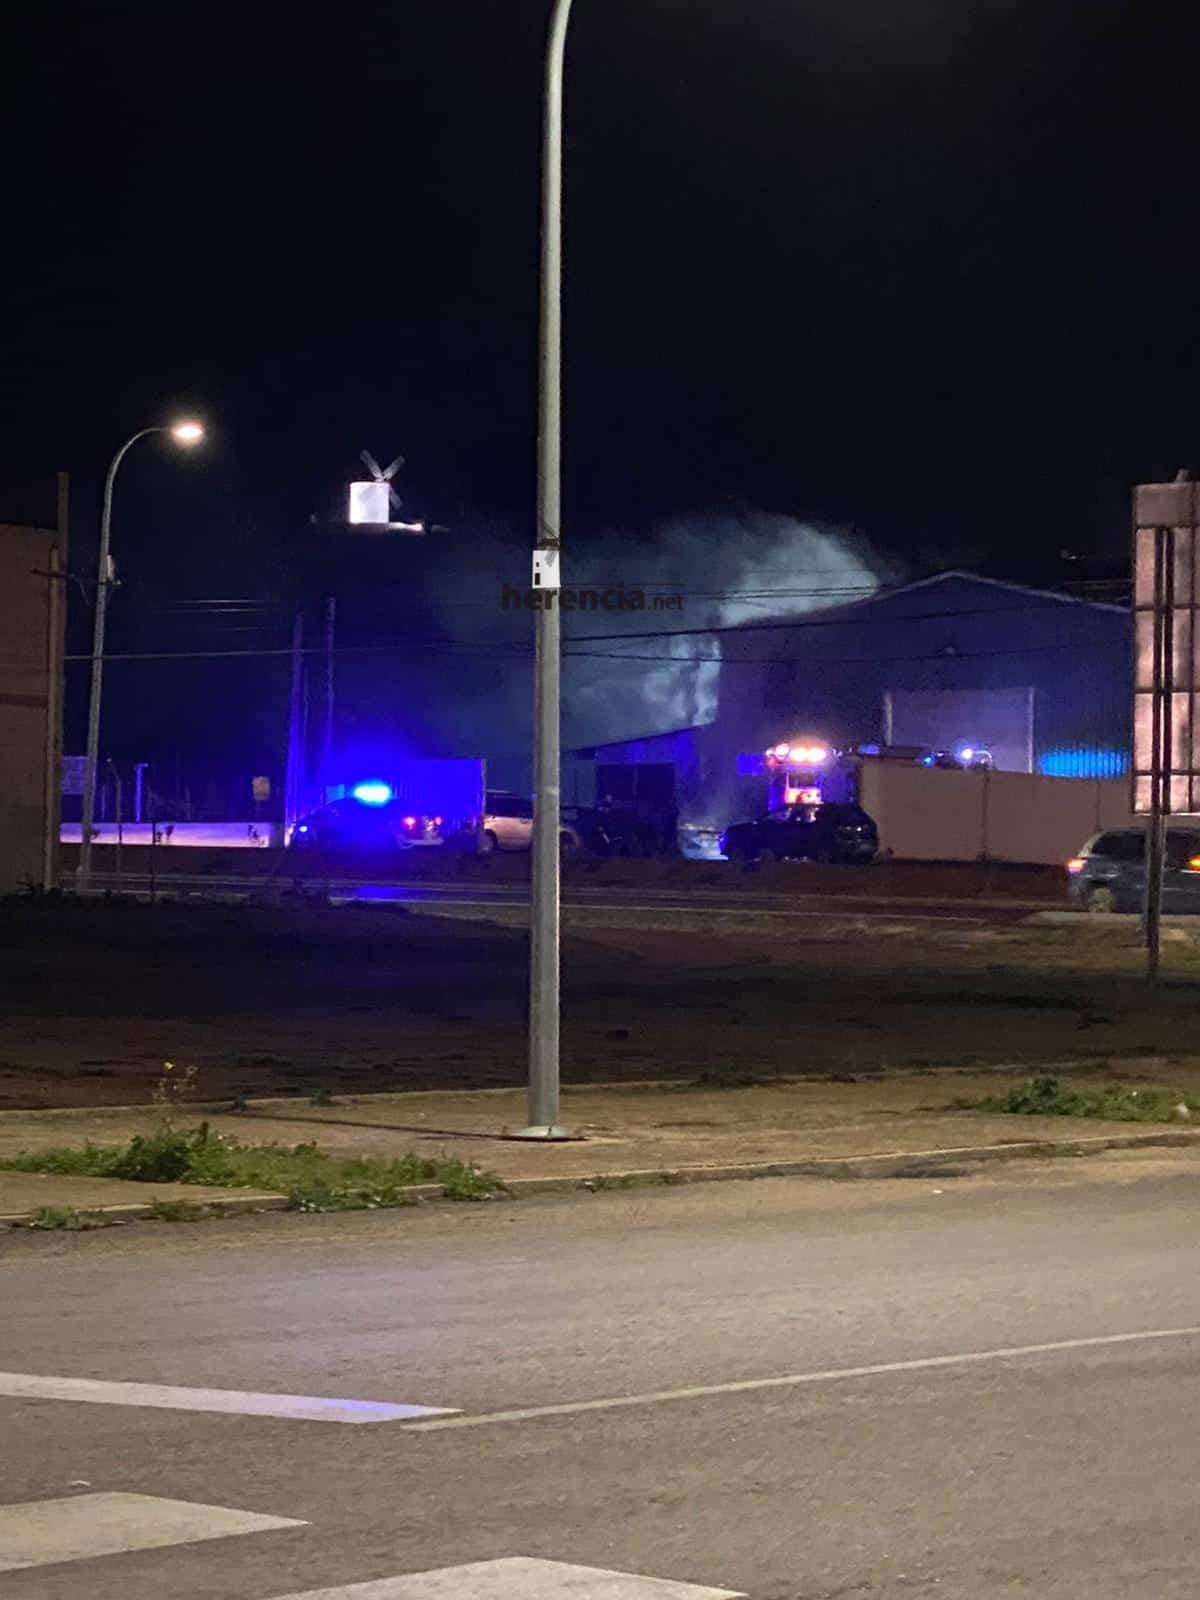 incendio nave avenida alcazar herencia 1 - Incendio en una nave en la Avenida de Alcázar en Herencia